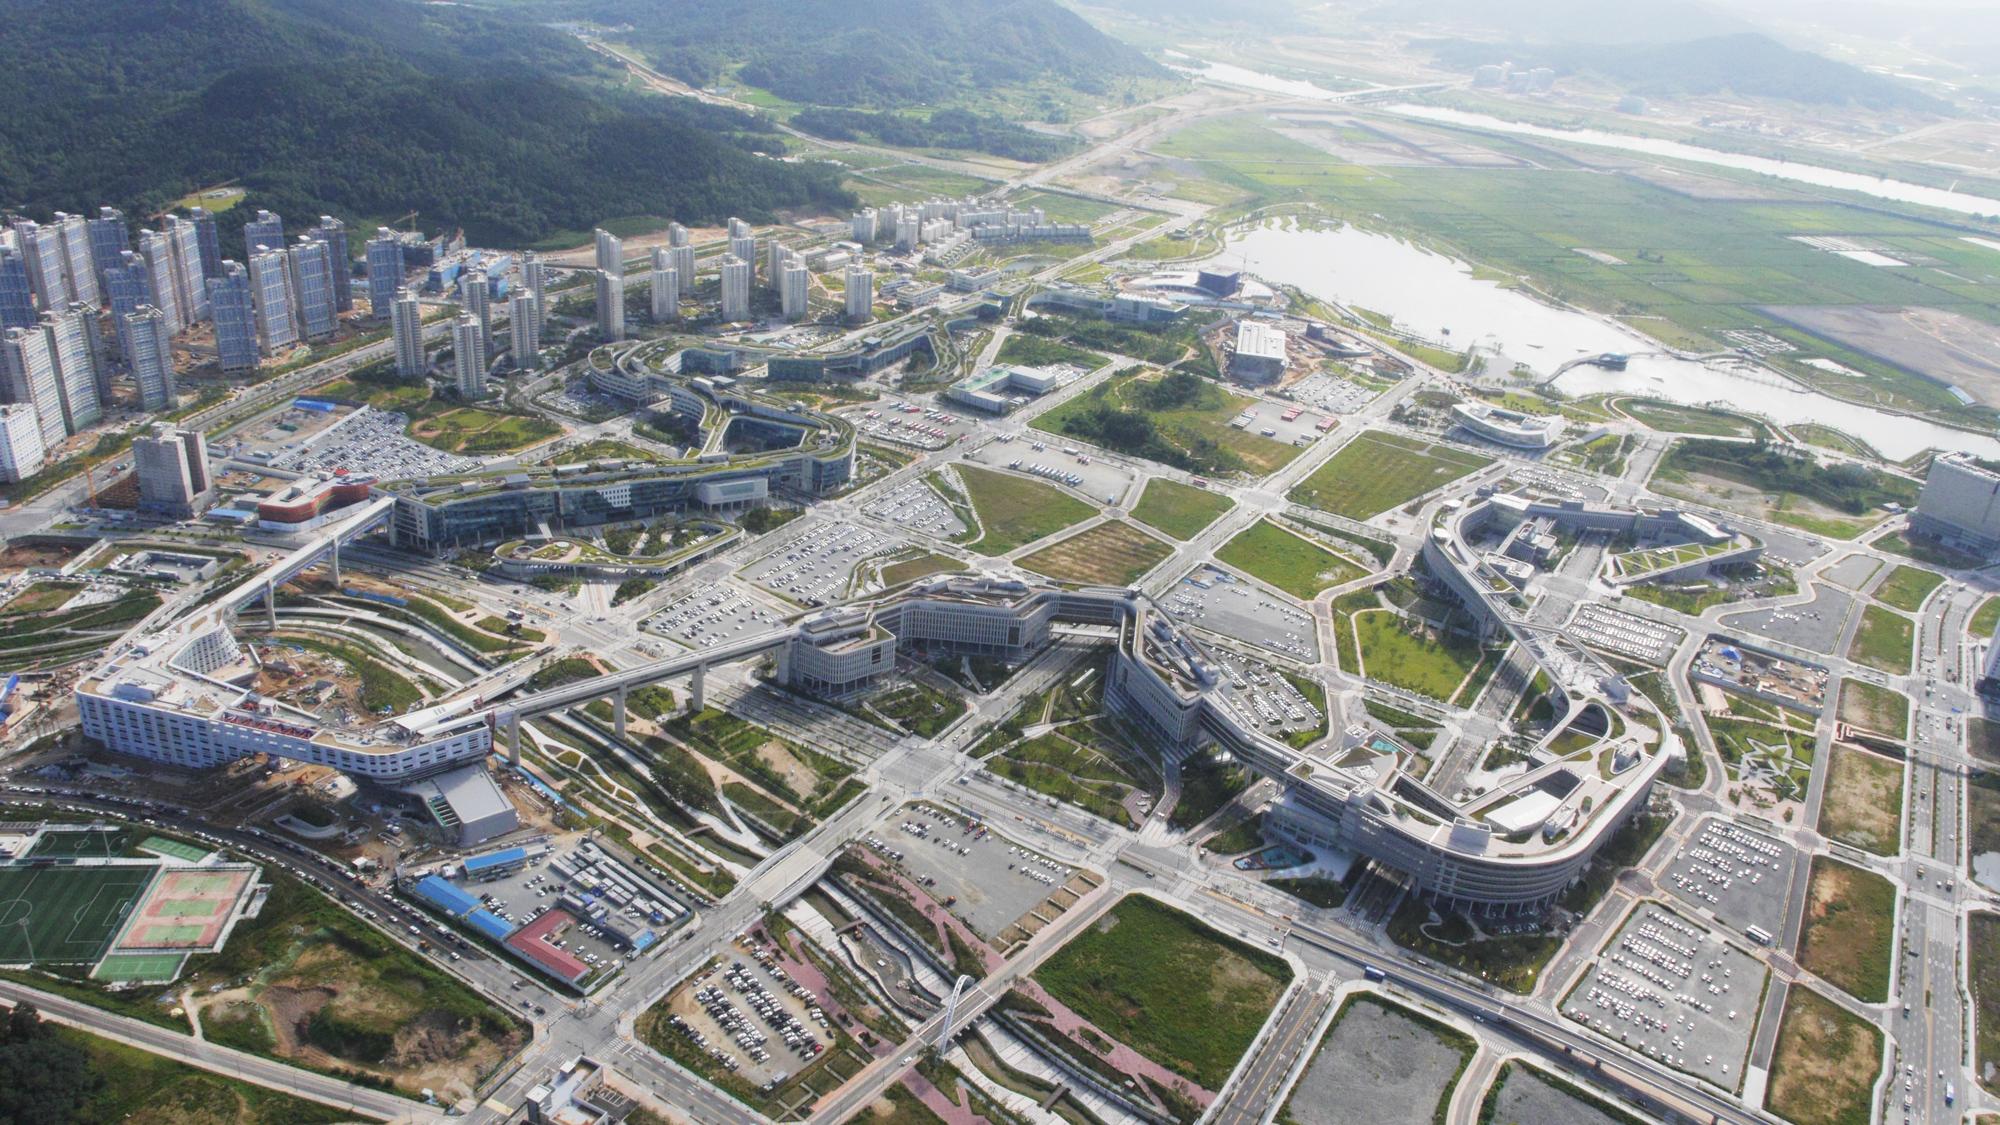 〔안정원의 건축 칼럼〕 미래형 명품도시의 모범 사례로 손꼽히는 행정중심복합도시 2